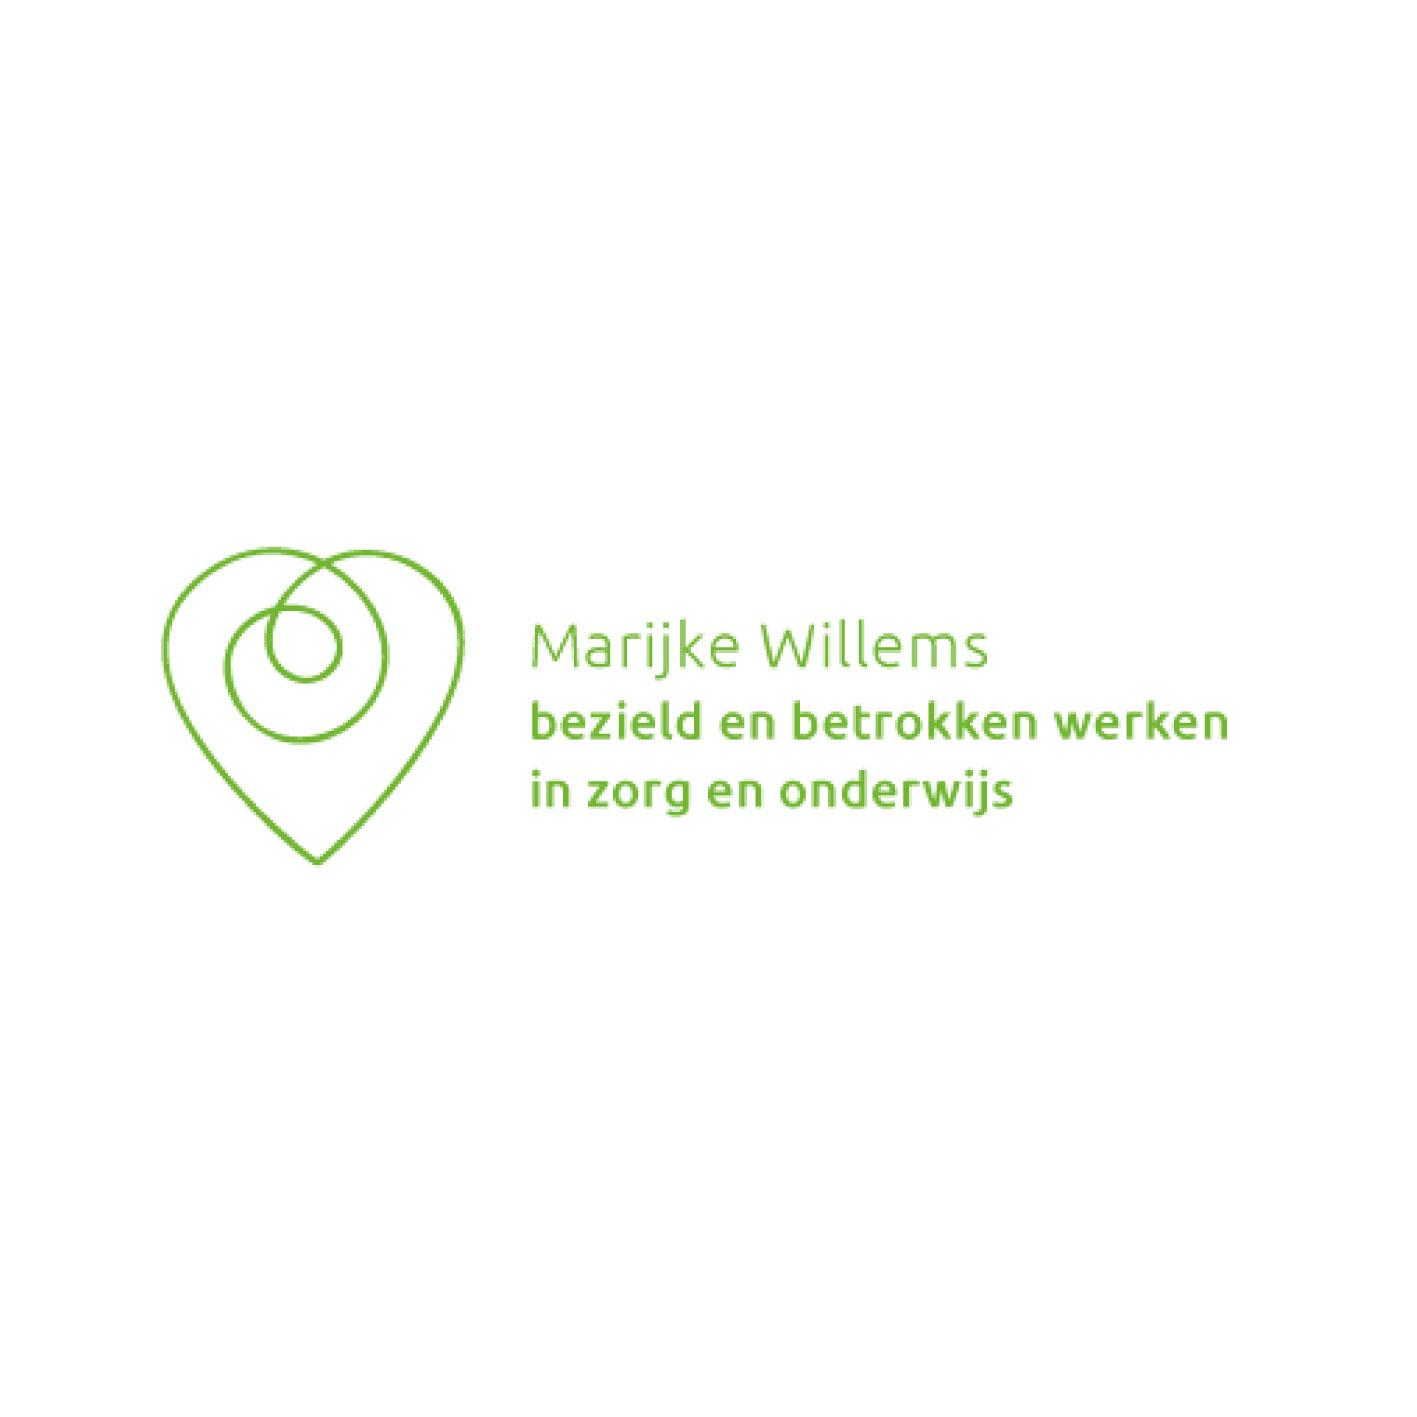 Marijke Willems